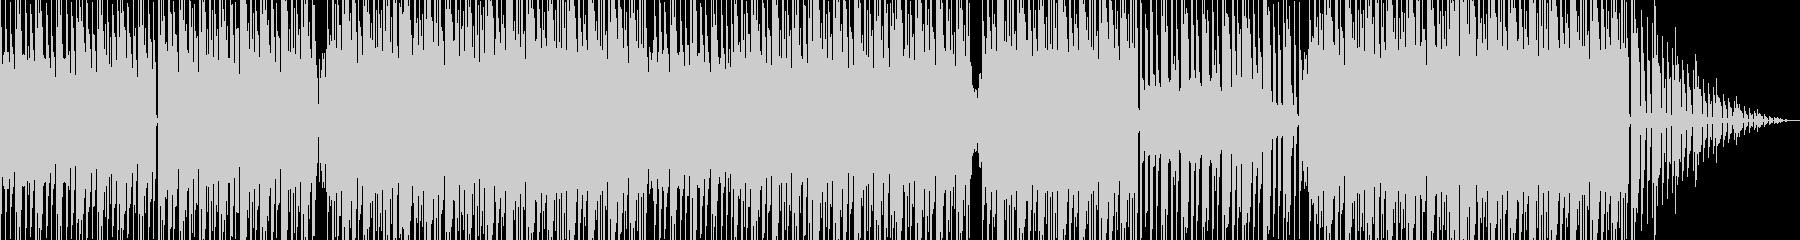 四つ打ちハウスミュージックの未再生の波形